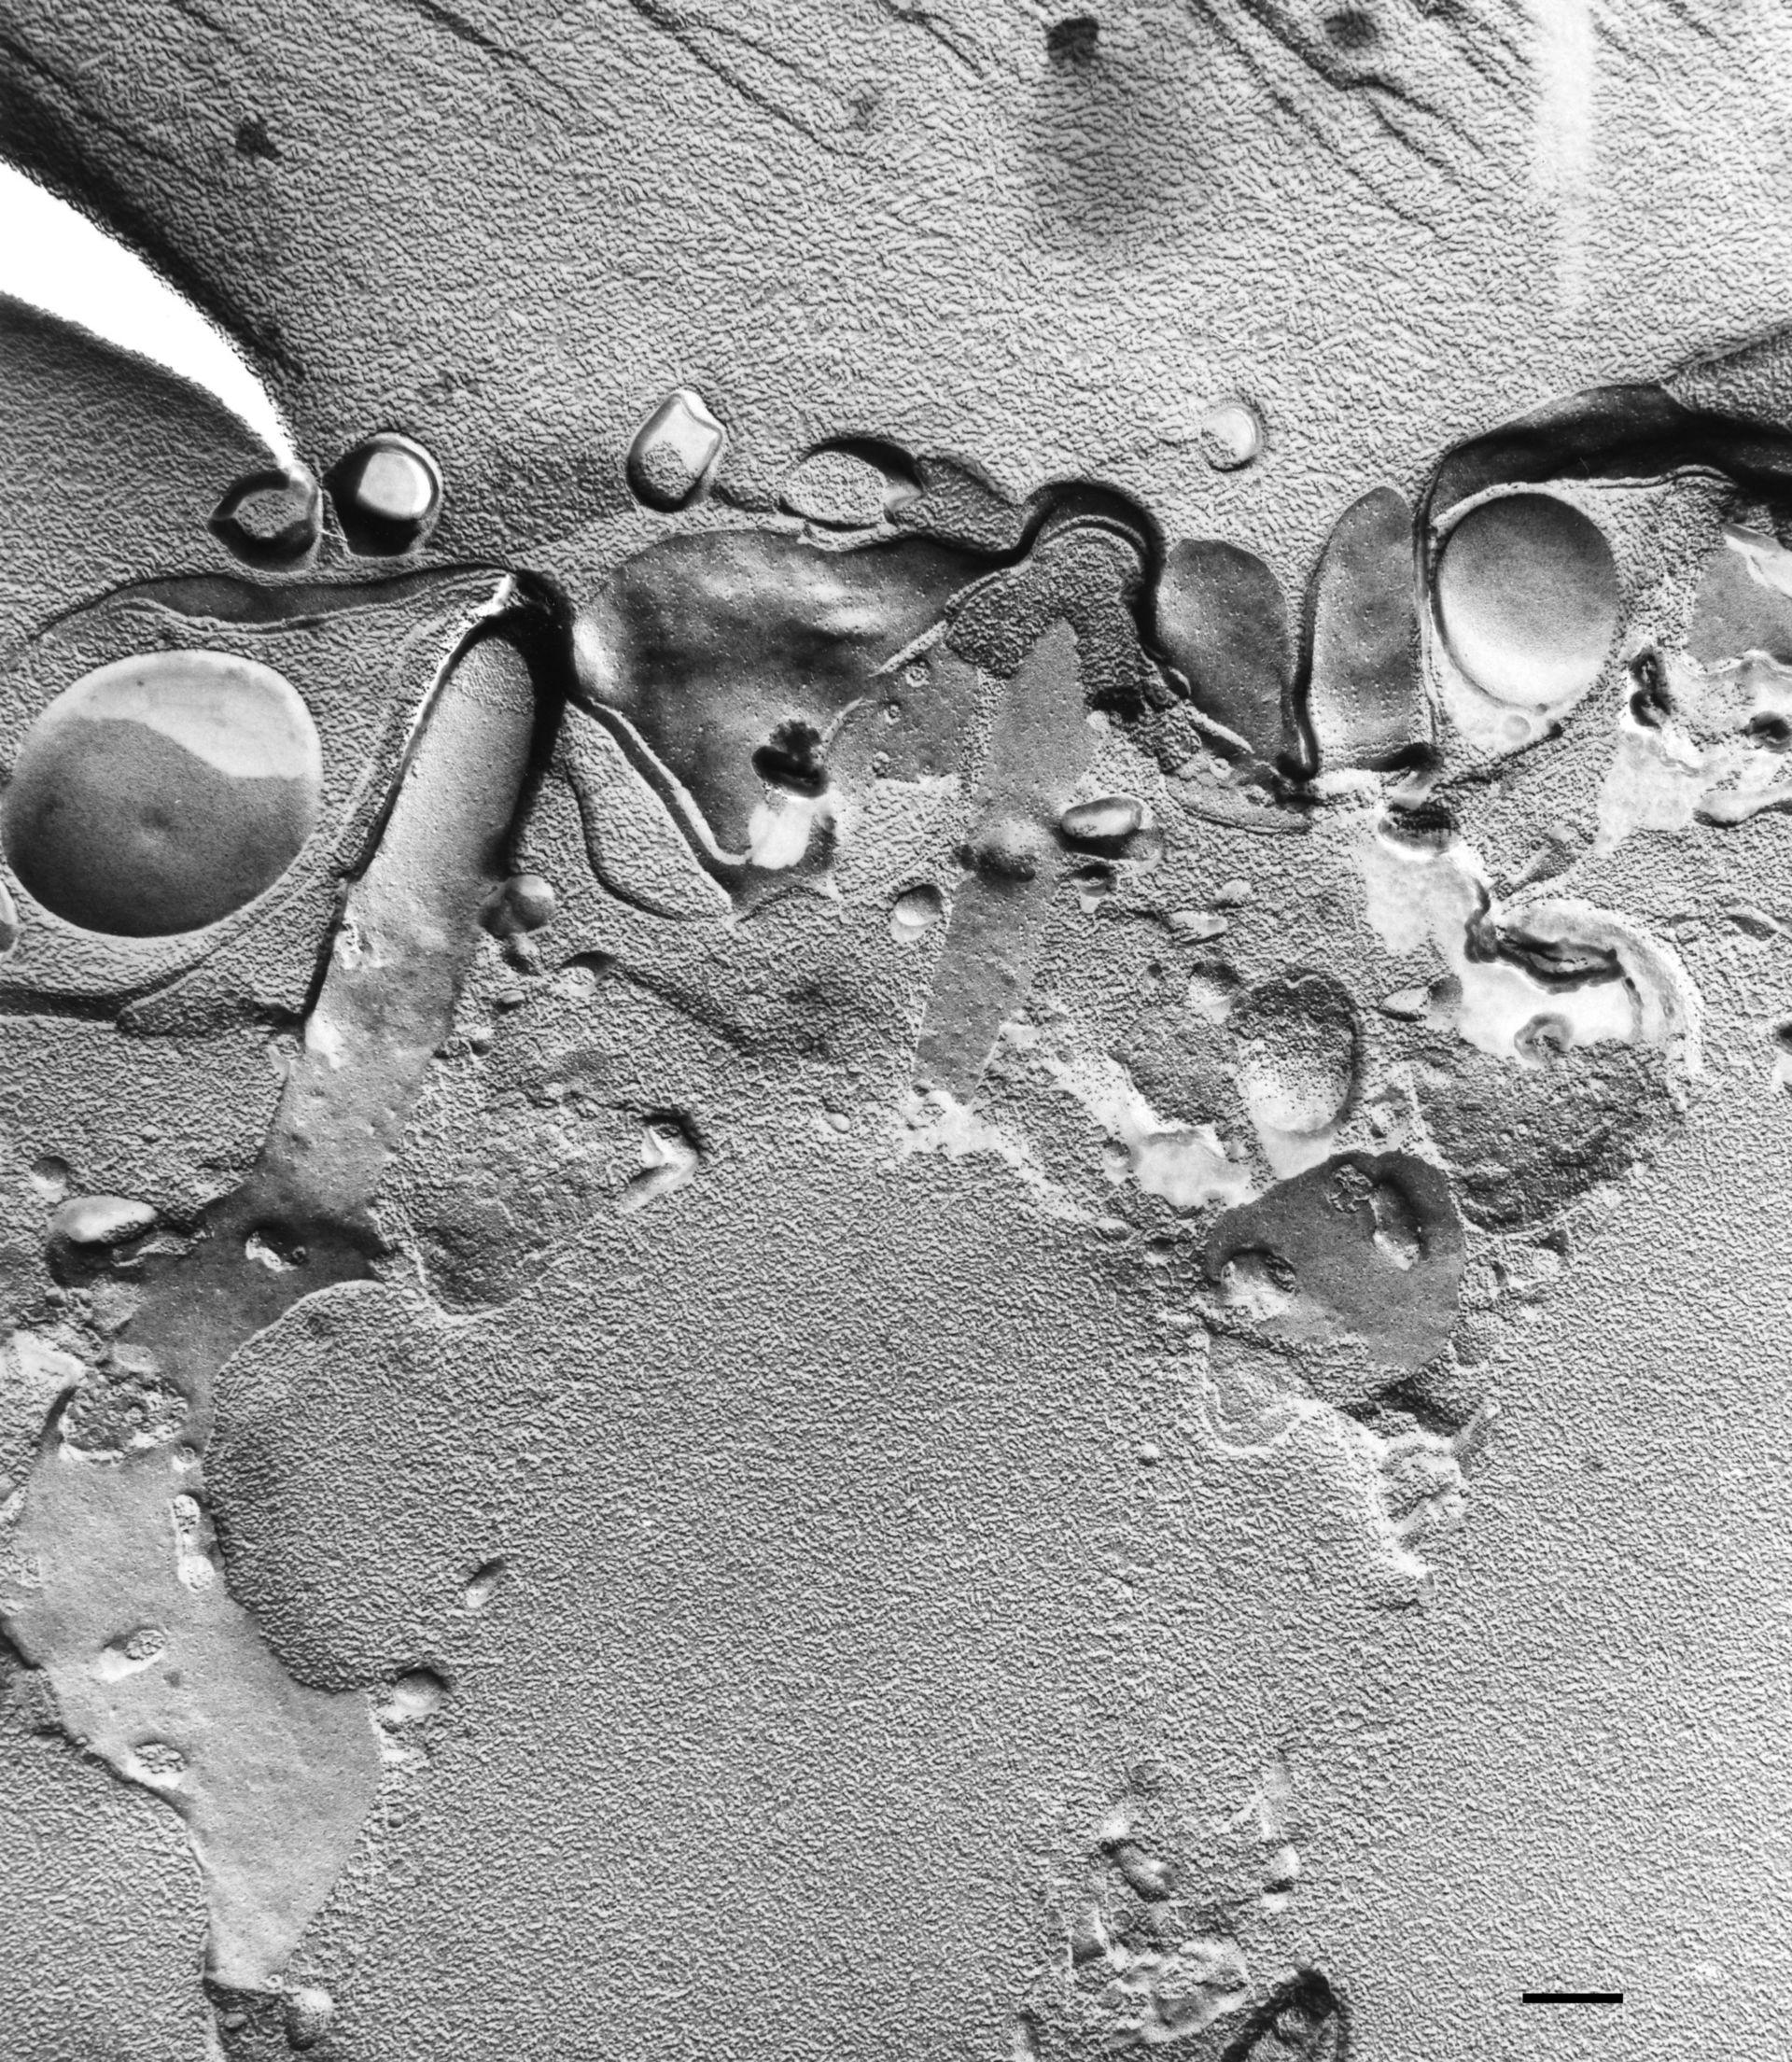 Paramecium multimicronucleatum (Tricocisti) - CIL:36670